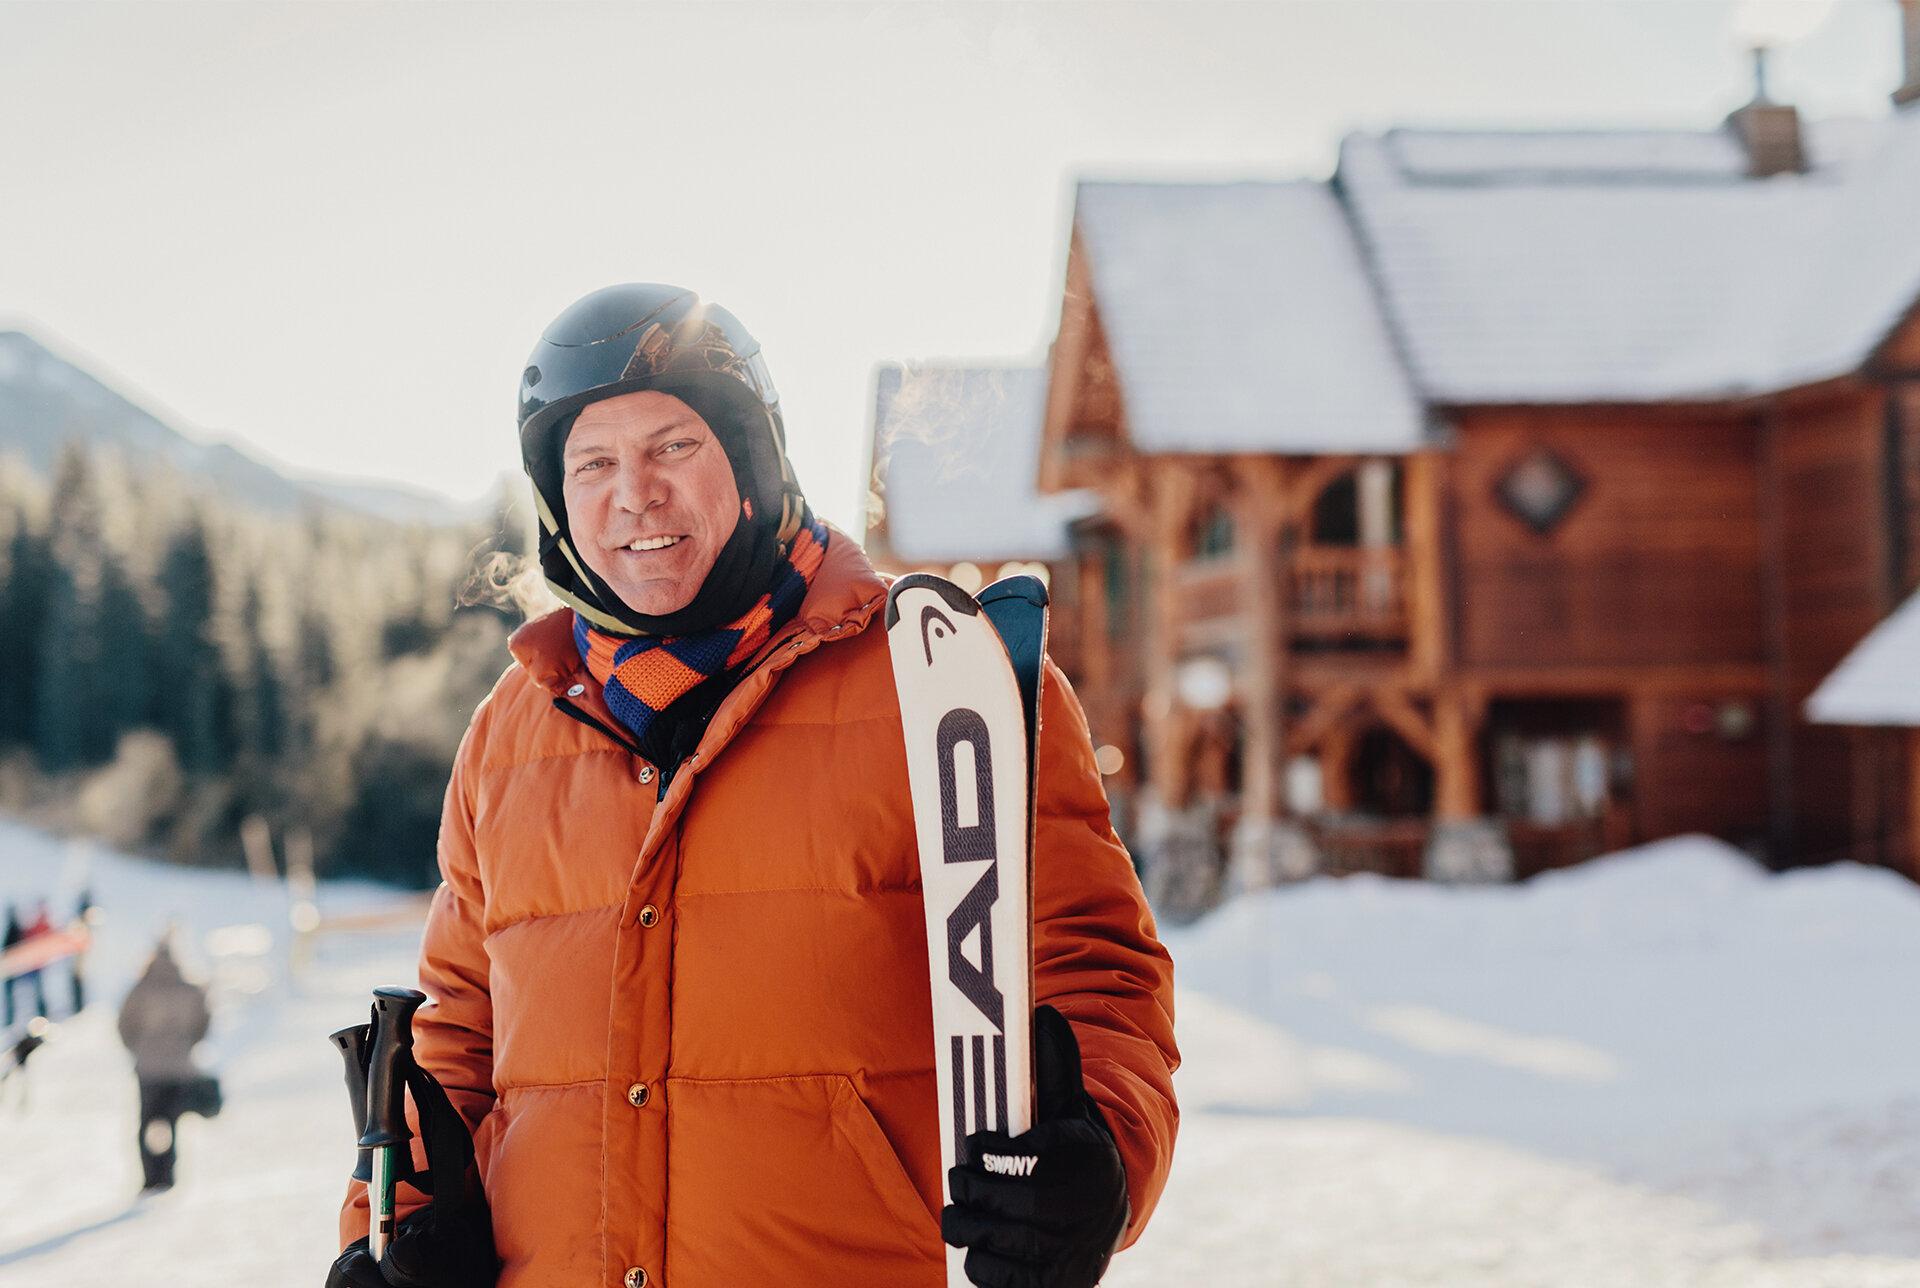 AB_Rob Scheer_Lake Louise Skiing.jpg